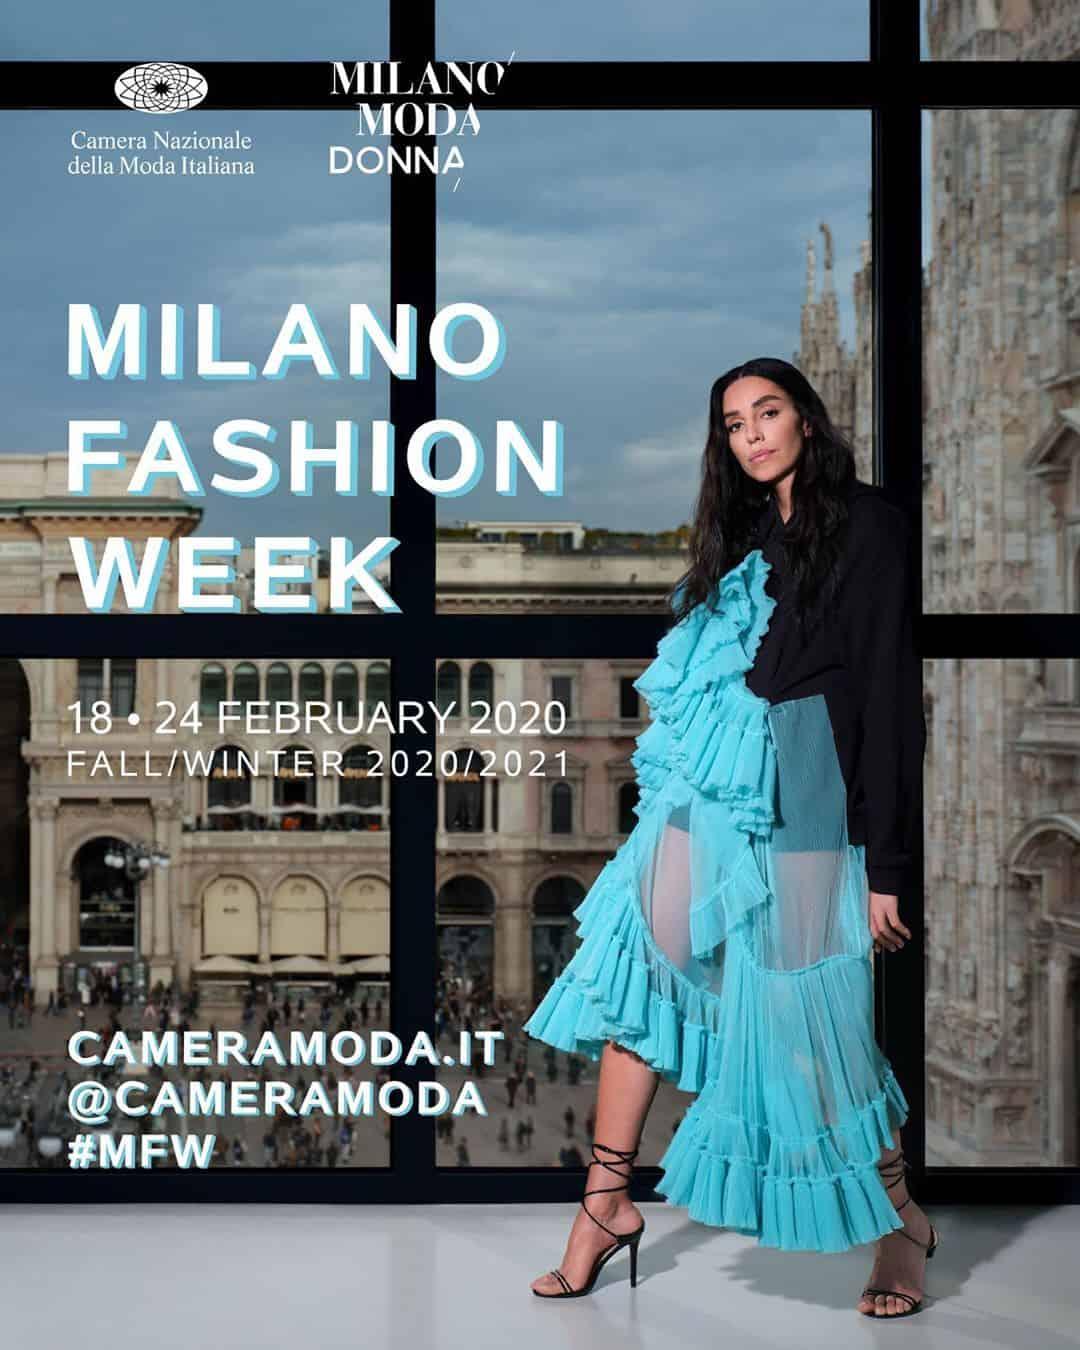 Camera Moda Calendario Febbraio 2021 MILANO FASHION WEEK: Calendario Sfilate Moda Donna 18 24 febbraio 2020